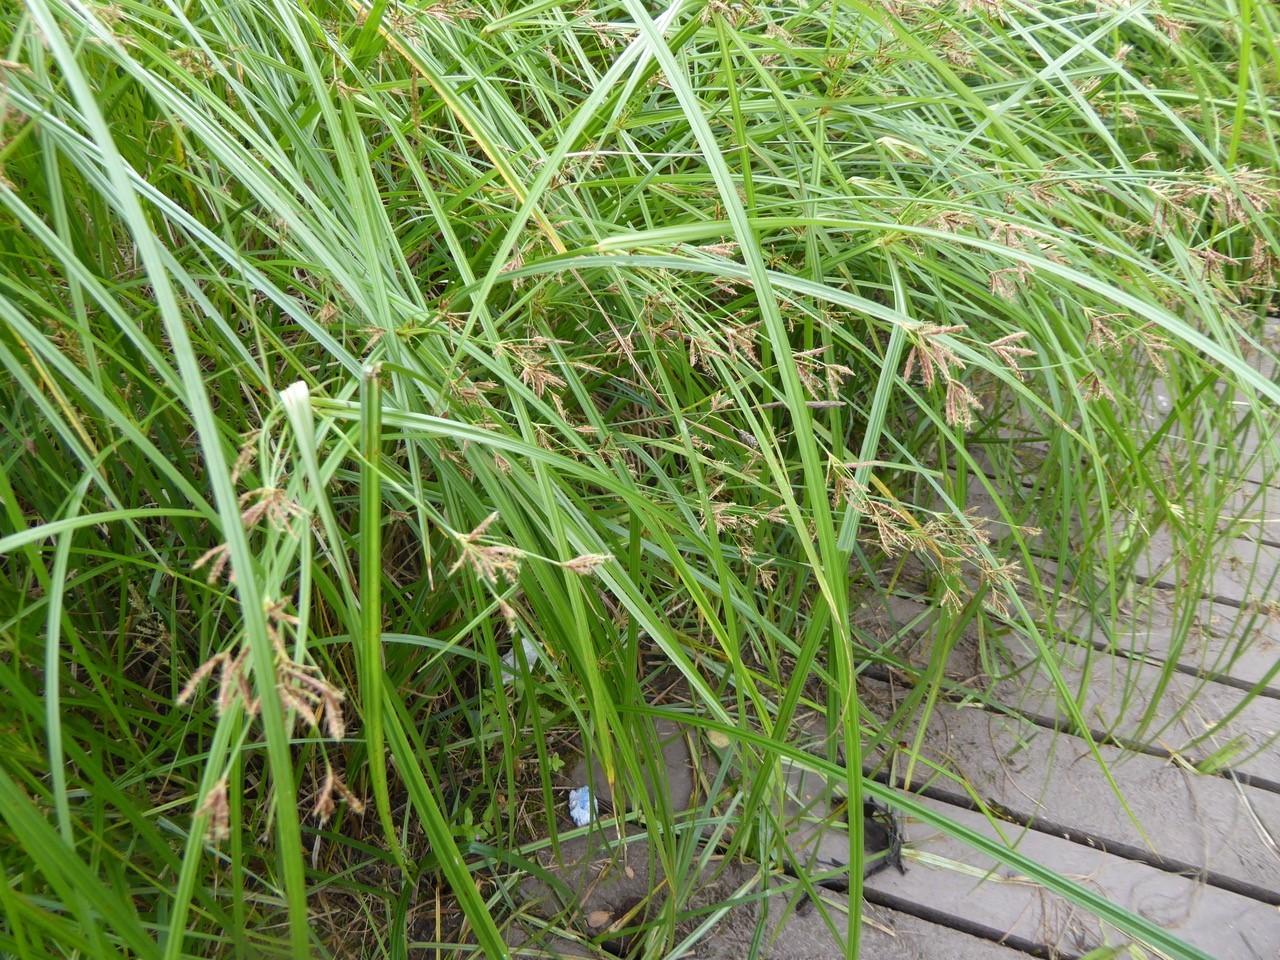 Galingale (Cyperus longus), Old Moor